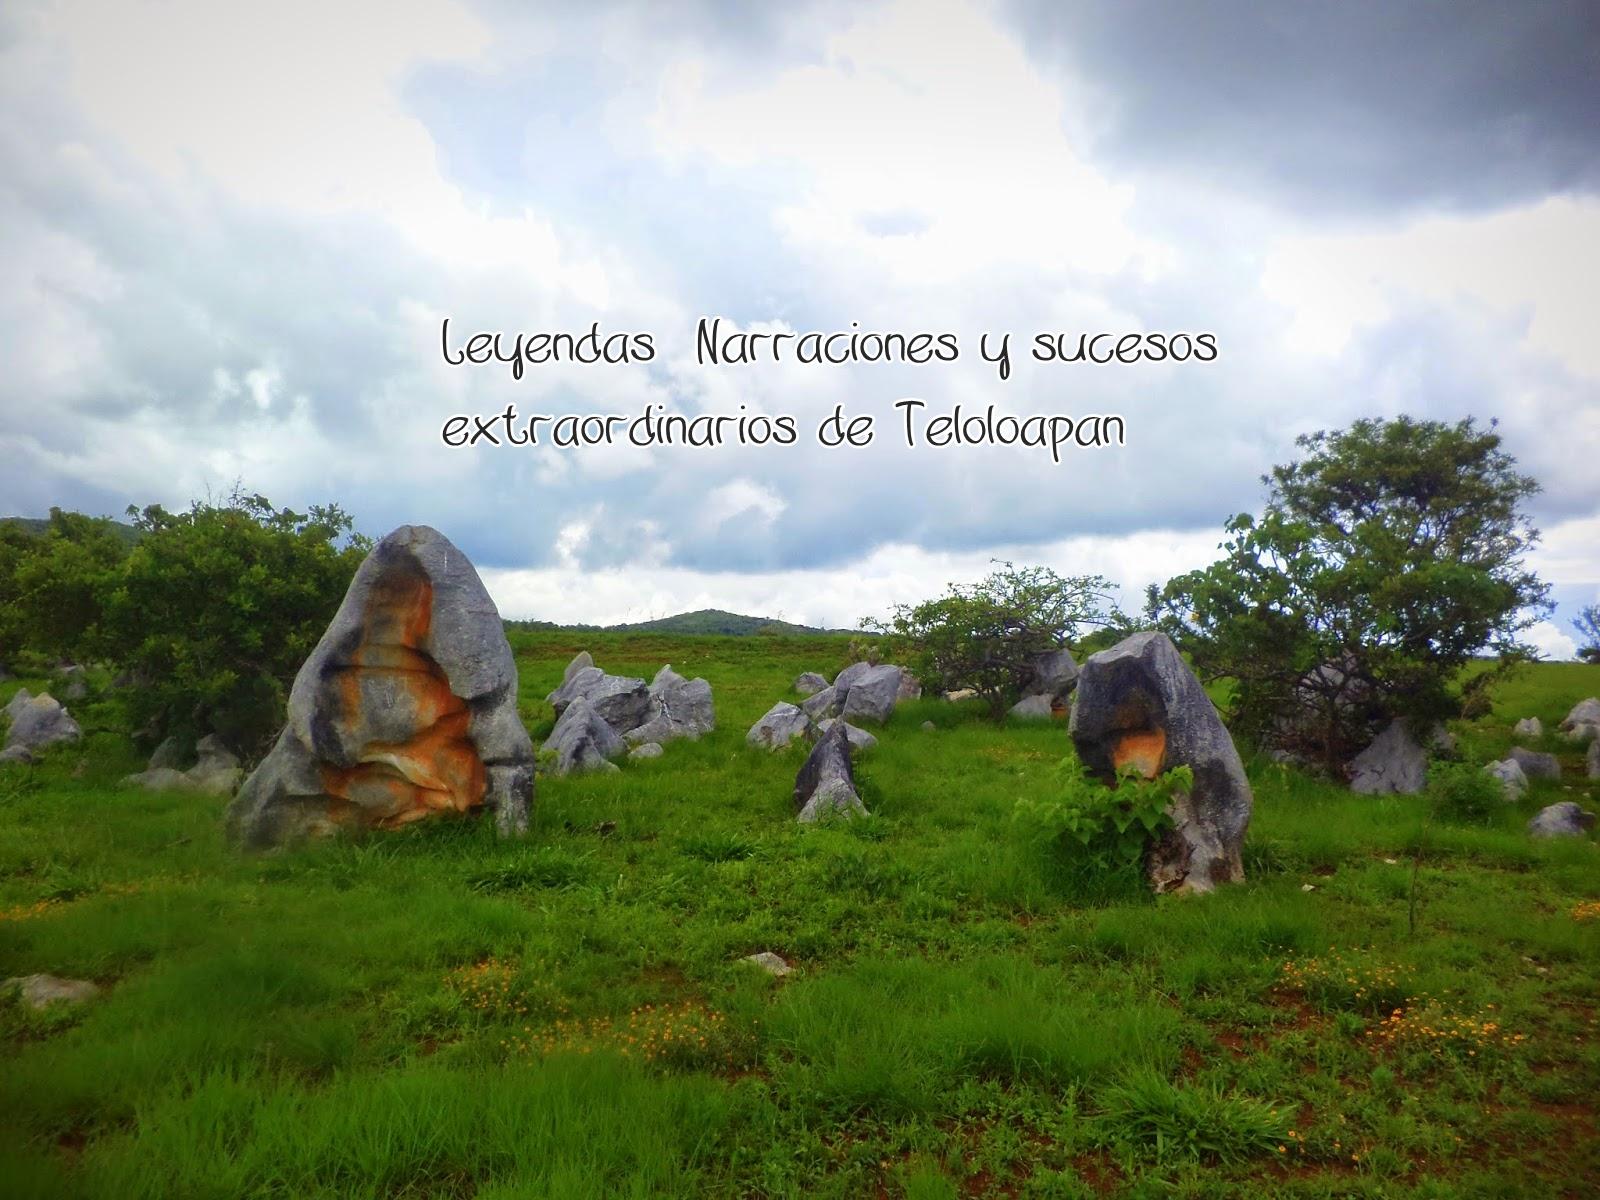 Leyendas, narraciones y sucesos extraordinarios de Teloloapan, Guerrero: LAS PASTORAS QUE SE CONVIRTIERON EN PIEDRA (LEYENDA)